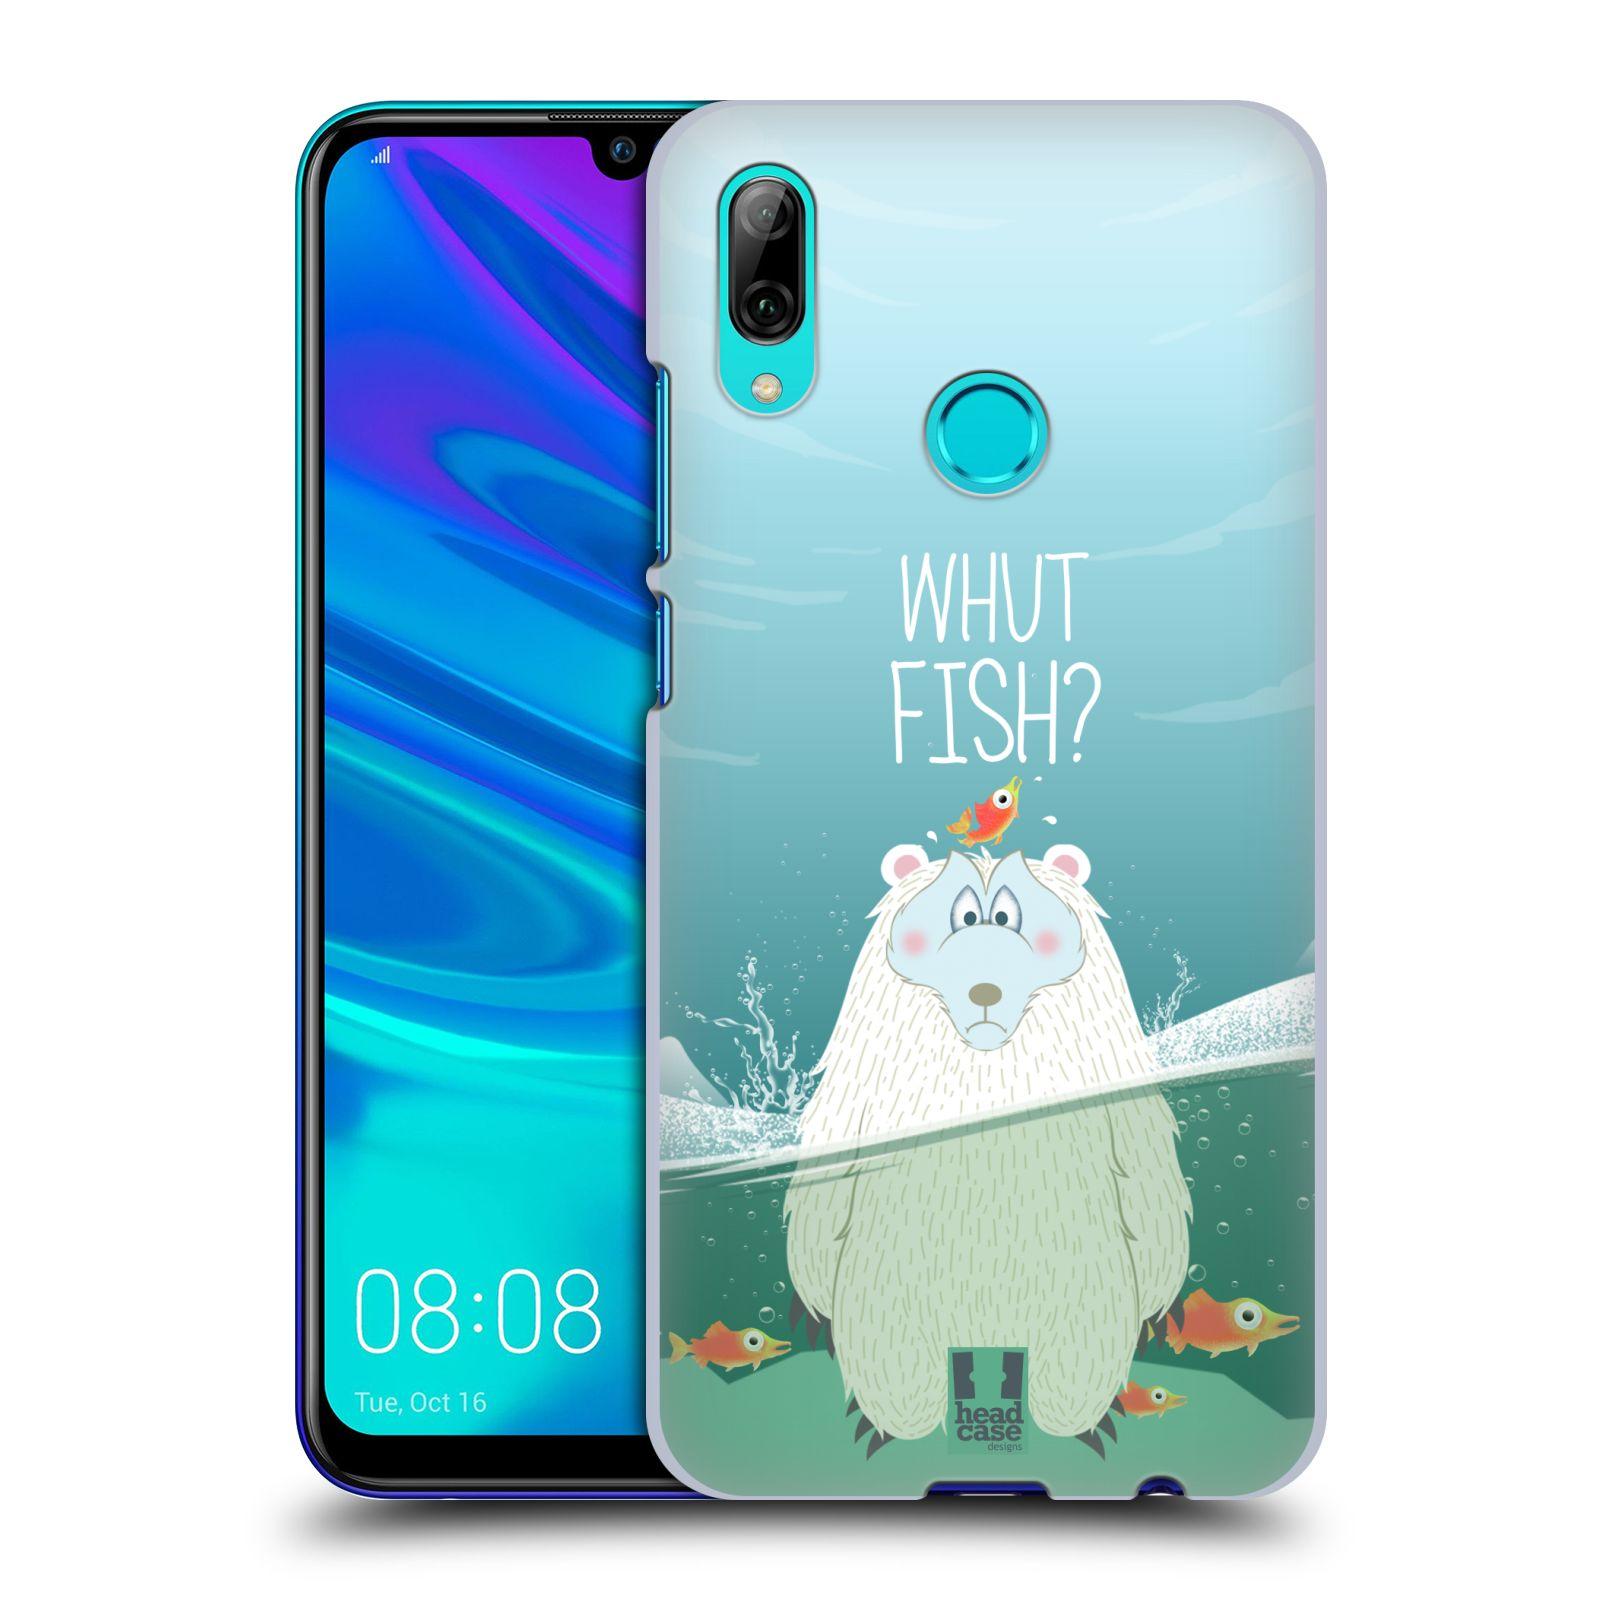 Plastové pouzdro na mobil Huawei P Smart (2019) - Head Case - Medvěd Whut Fish?